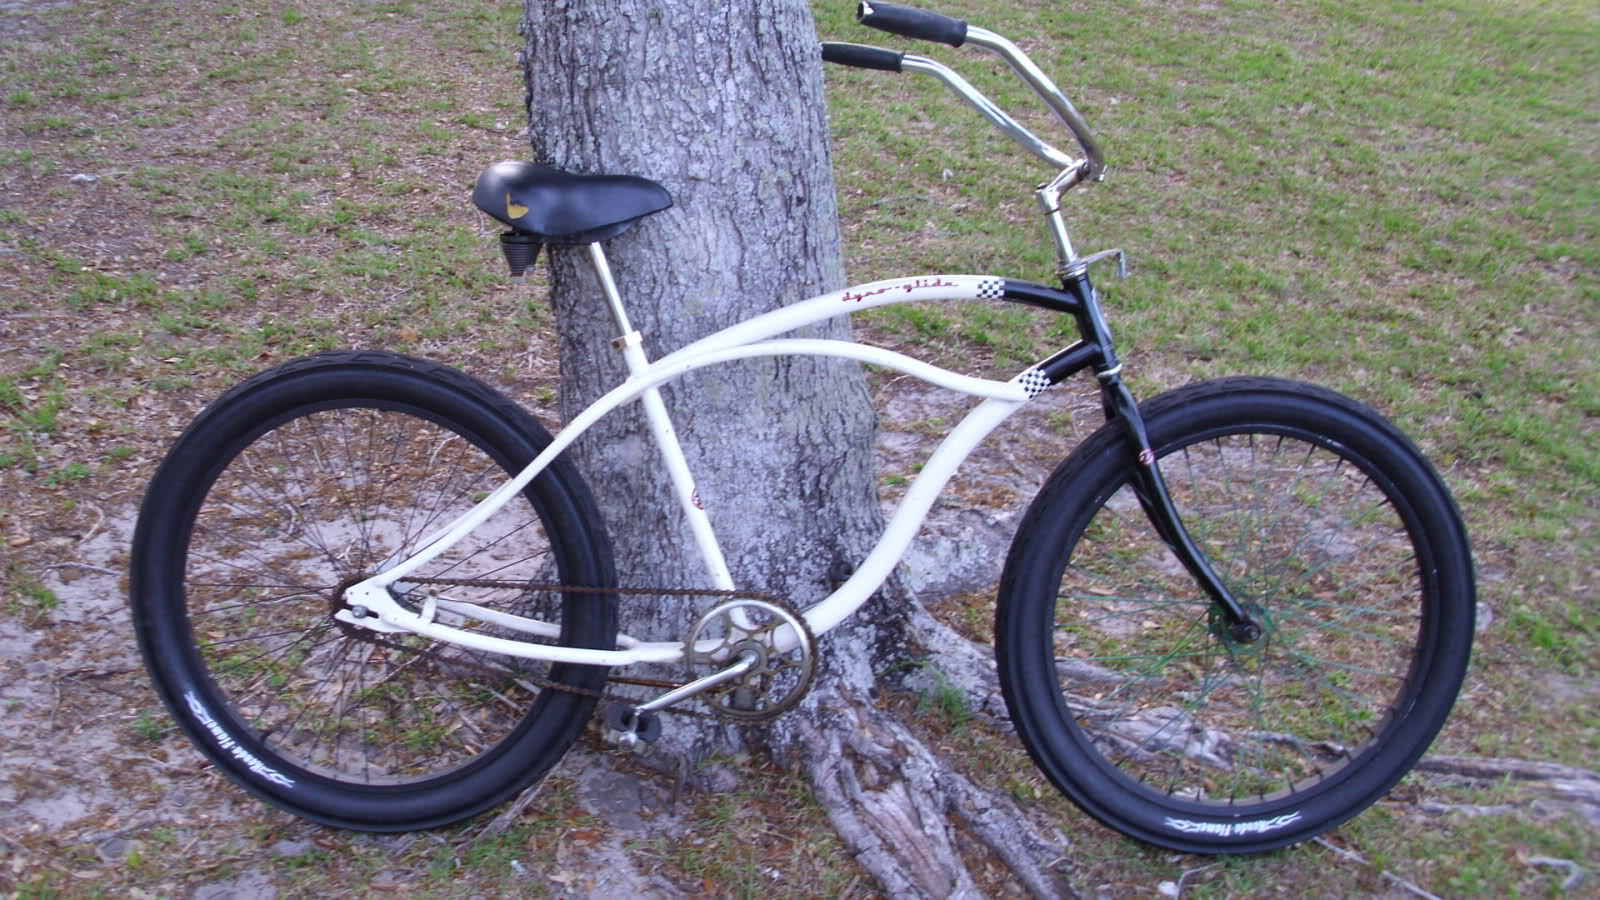 Dyno Glide Dyno Cruiser Bicycles